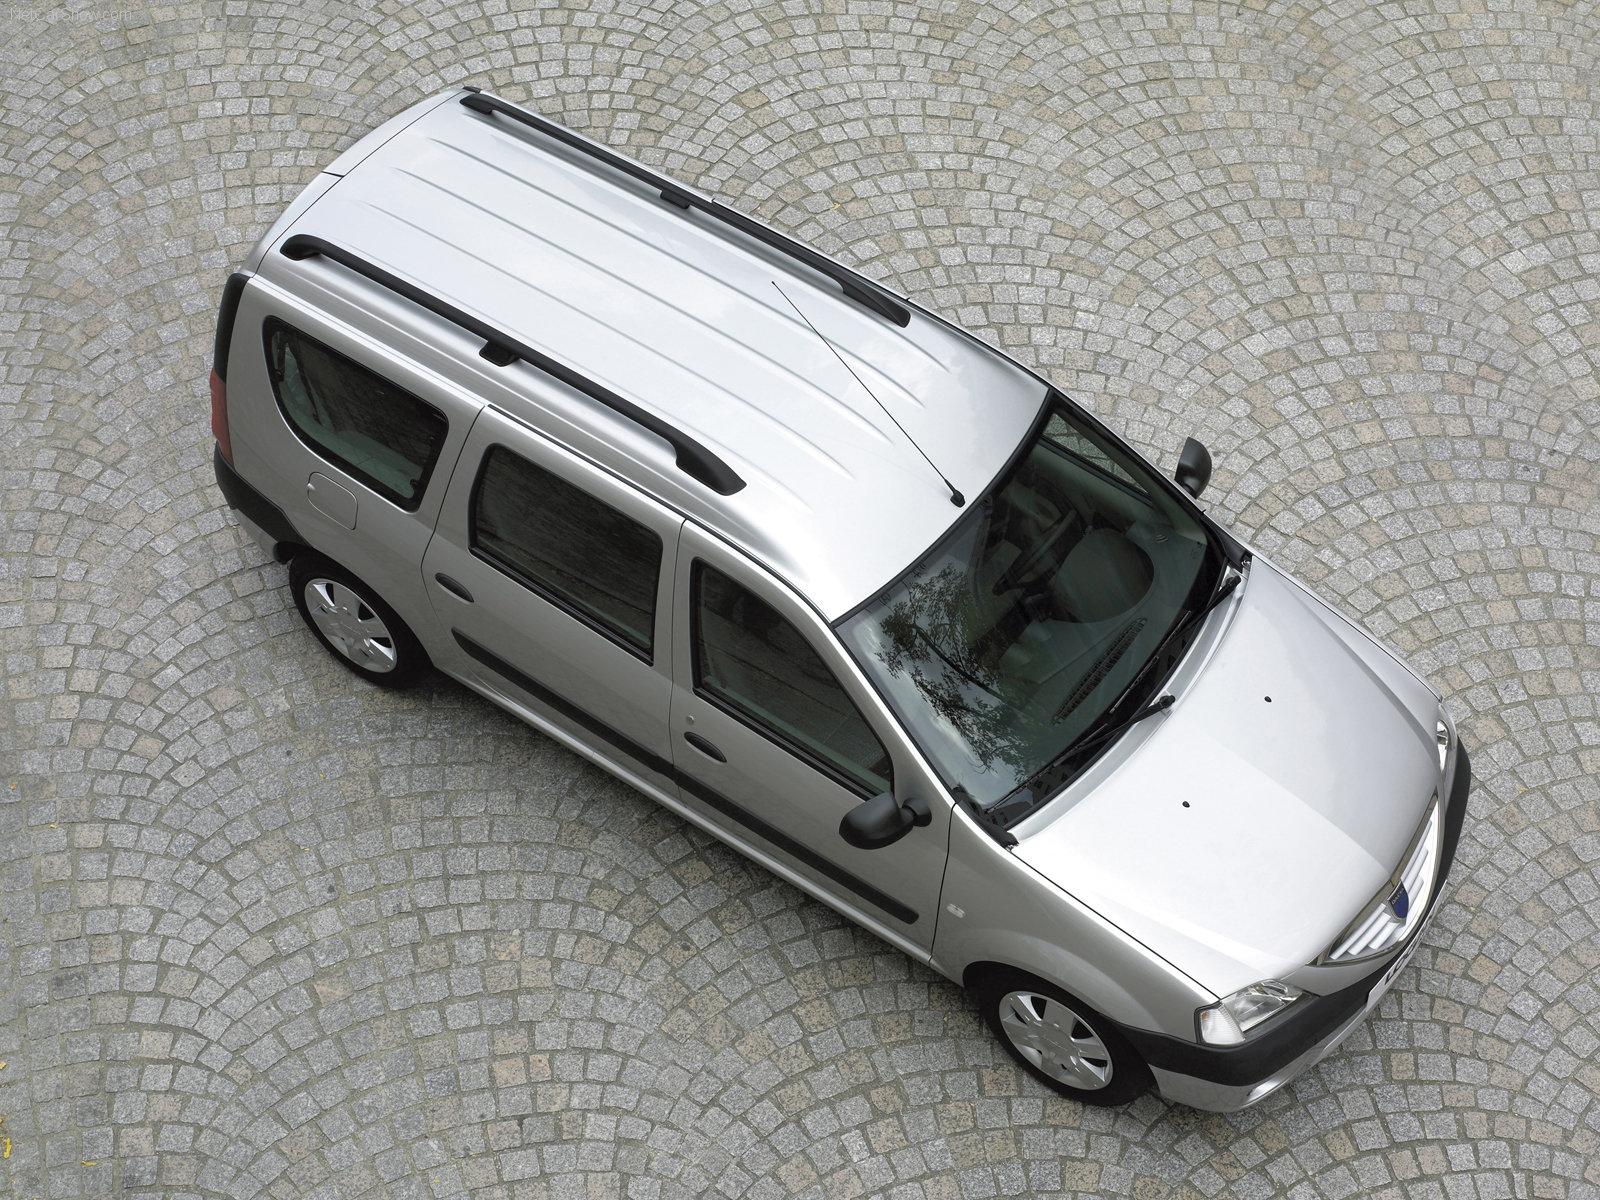 Dacia Logan MCV 2007 Dacia-Logan_MCV-2007-1600-11